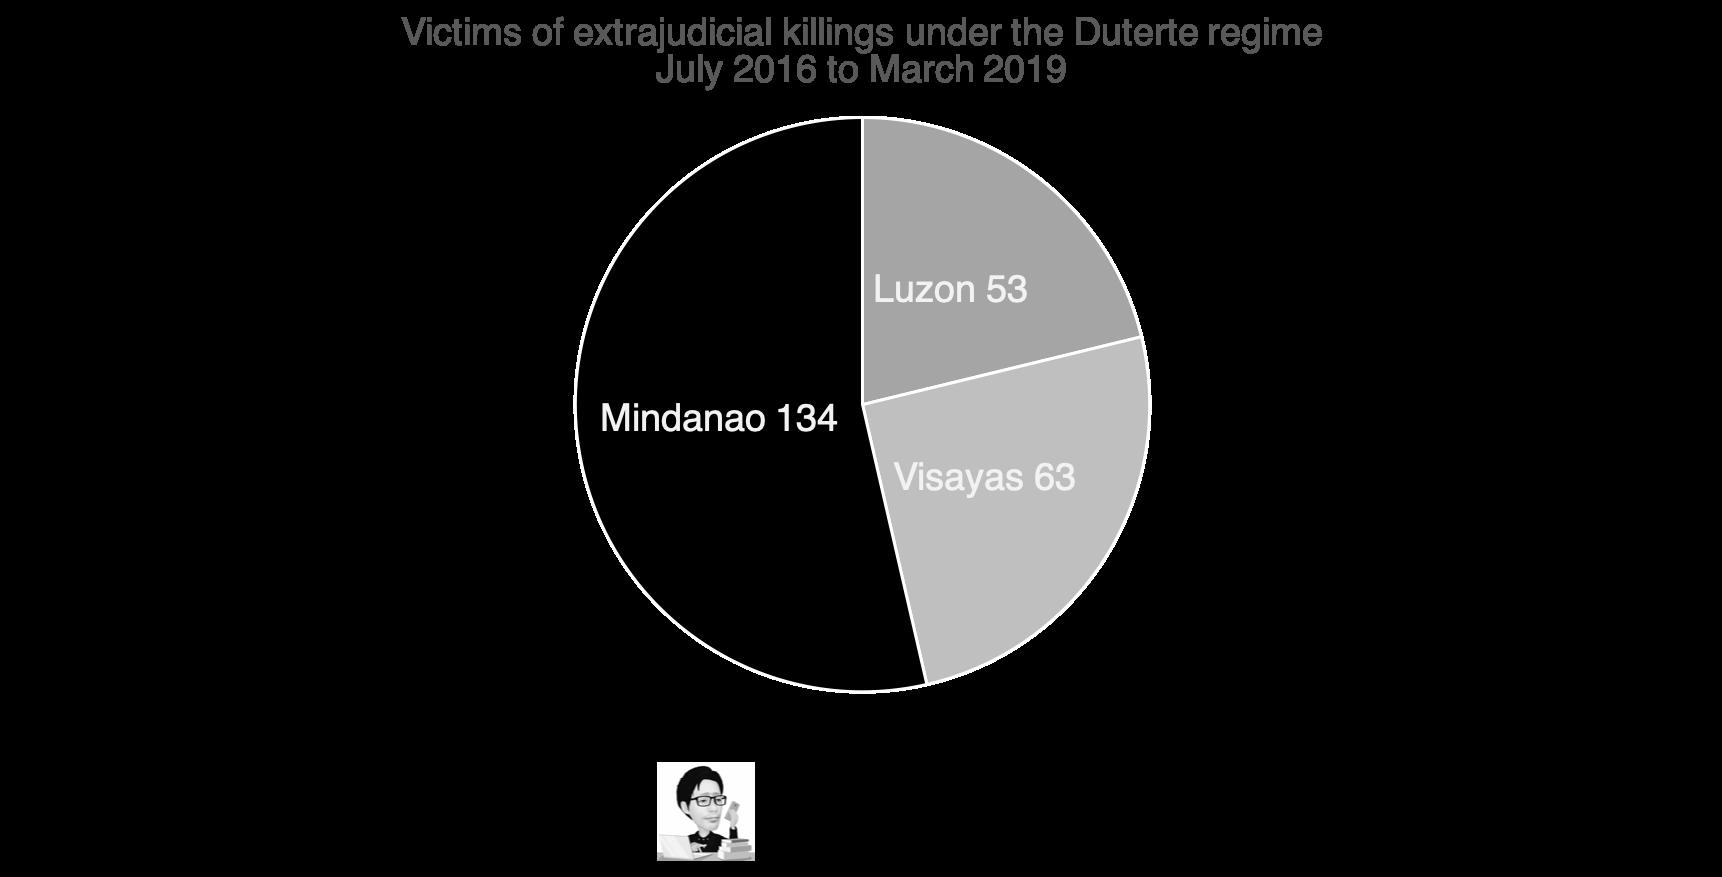 Tab 2 EJK victims by region